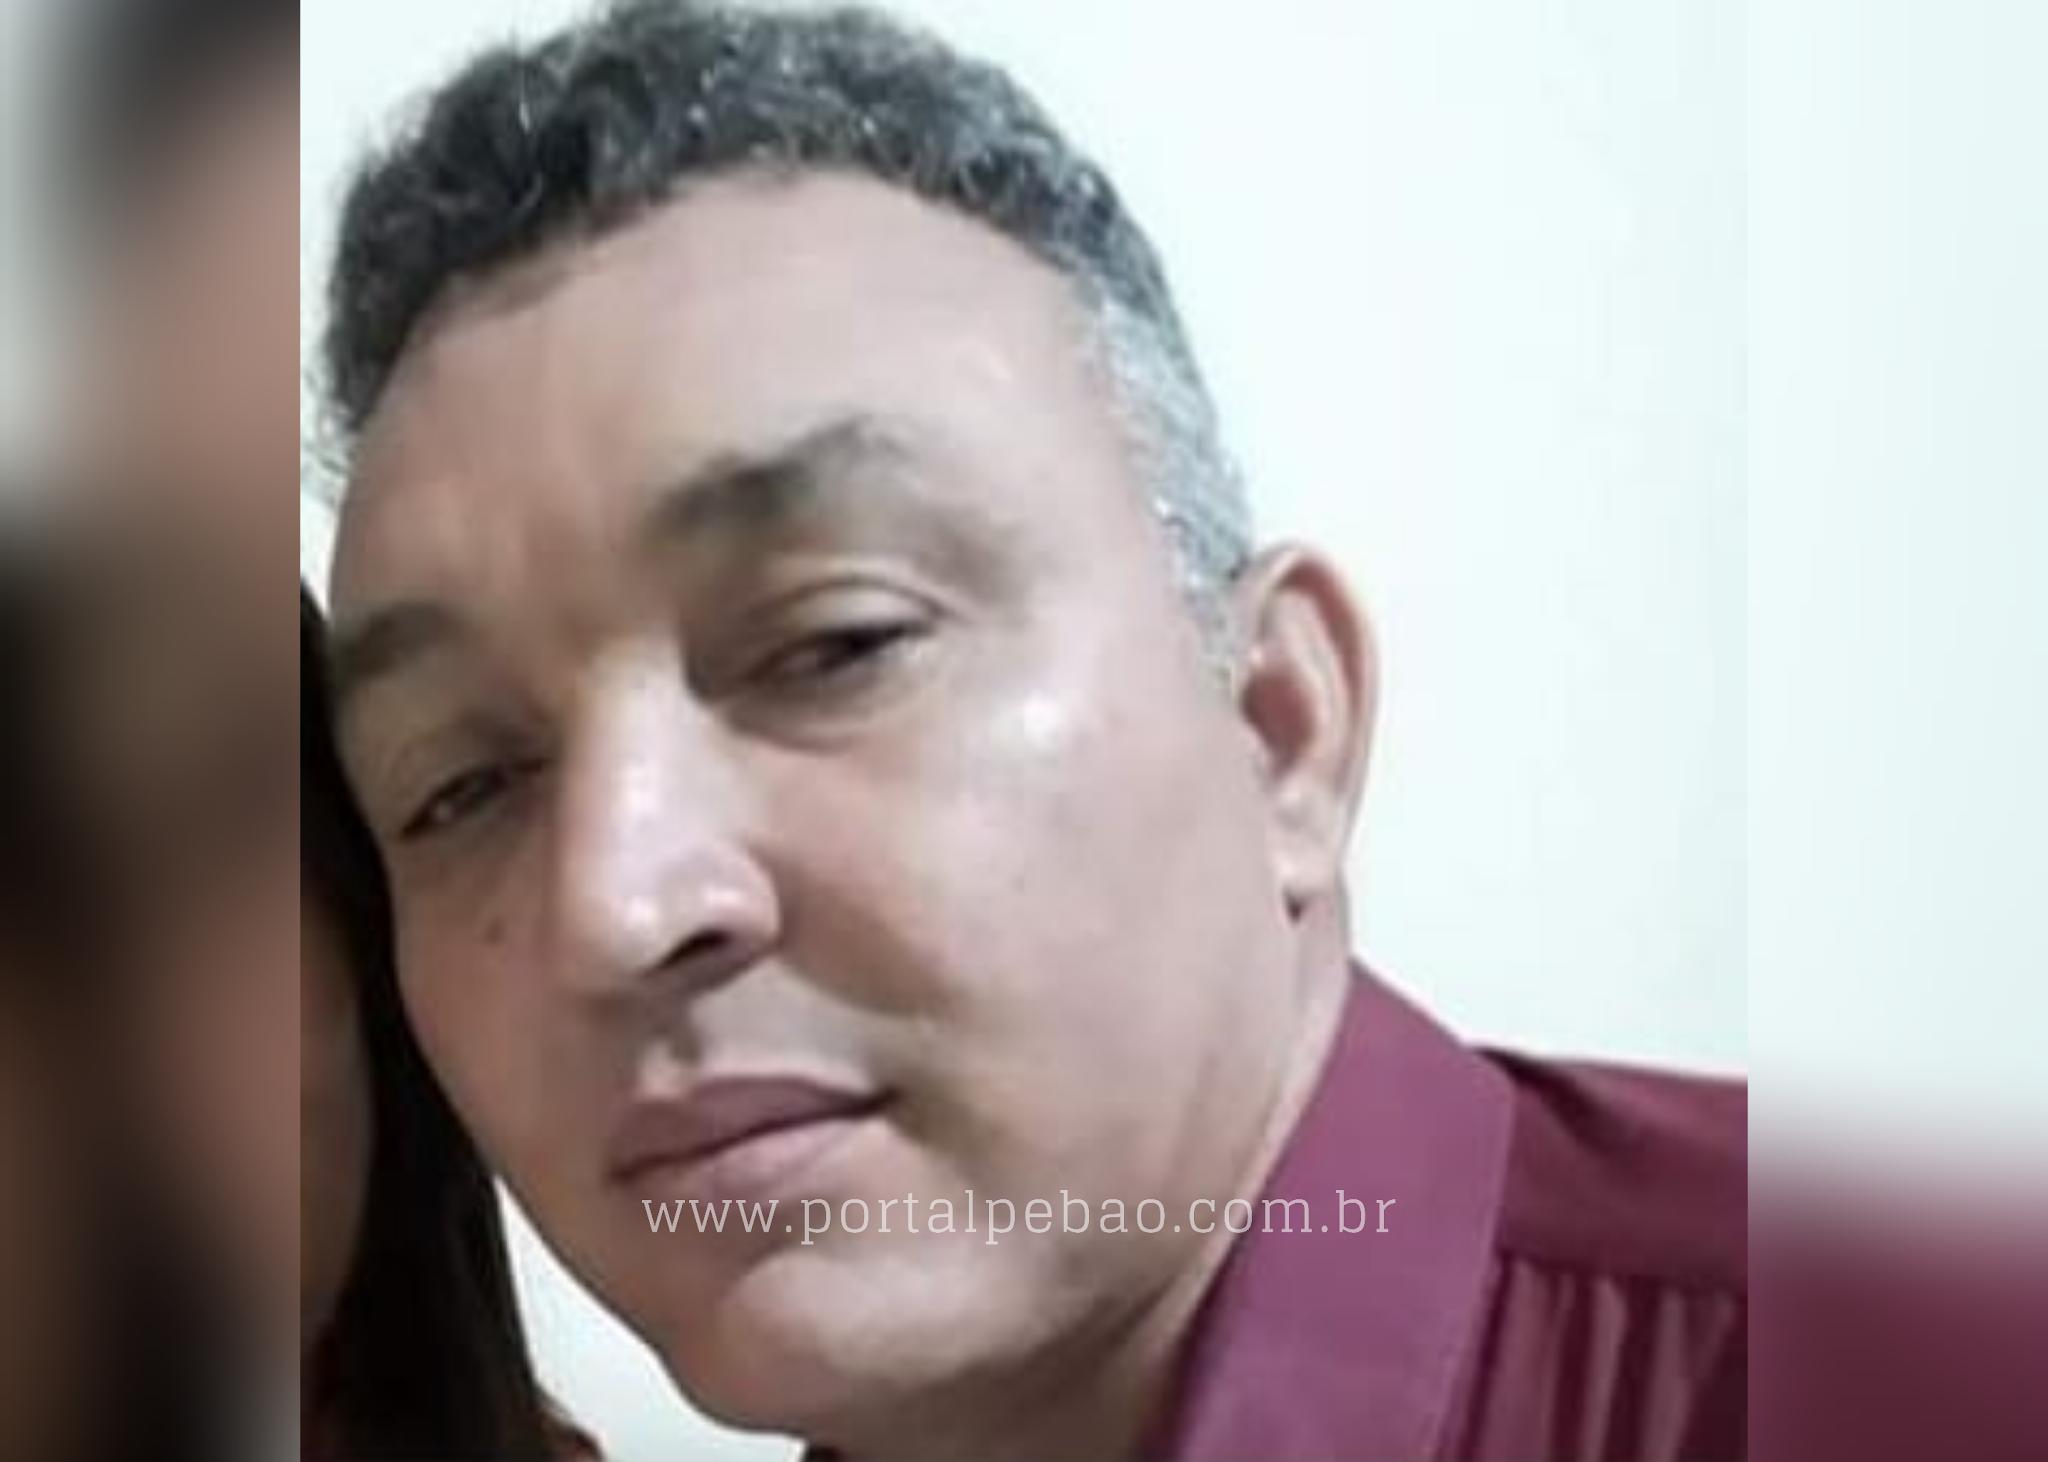 Açougueiro morre em acidente na PA-275, entre Parauapebas e Curionópolis.